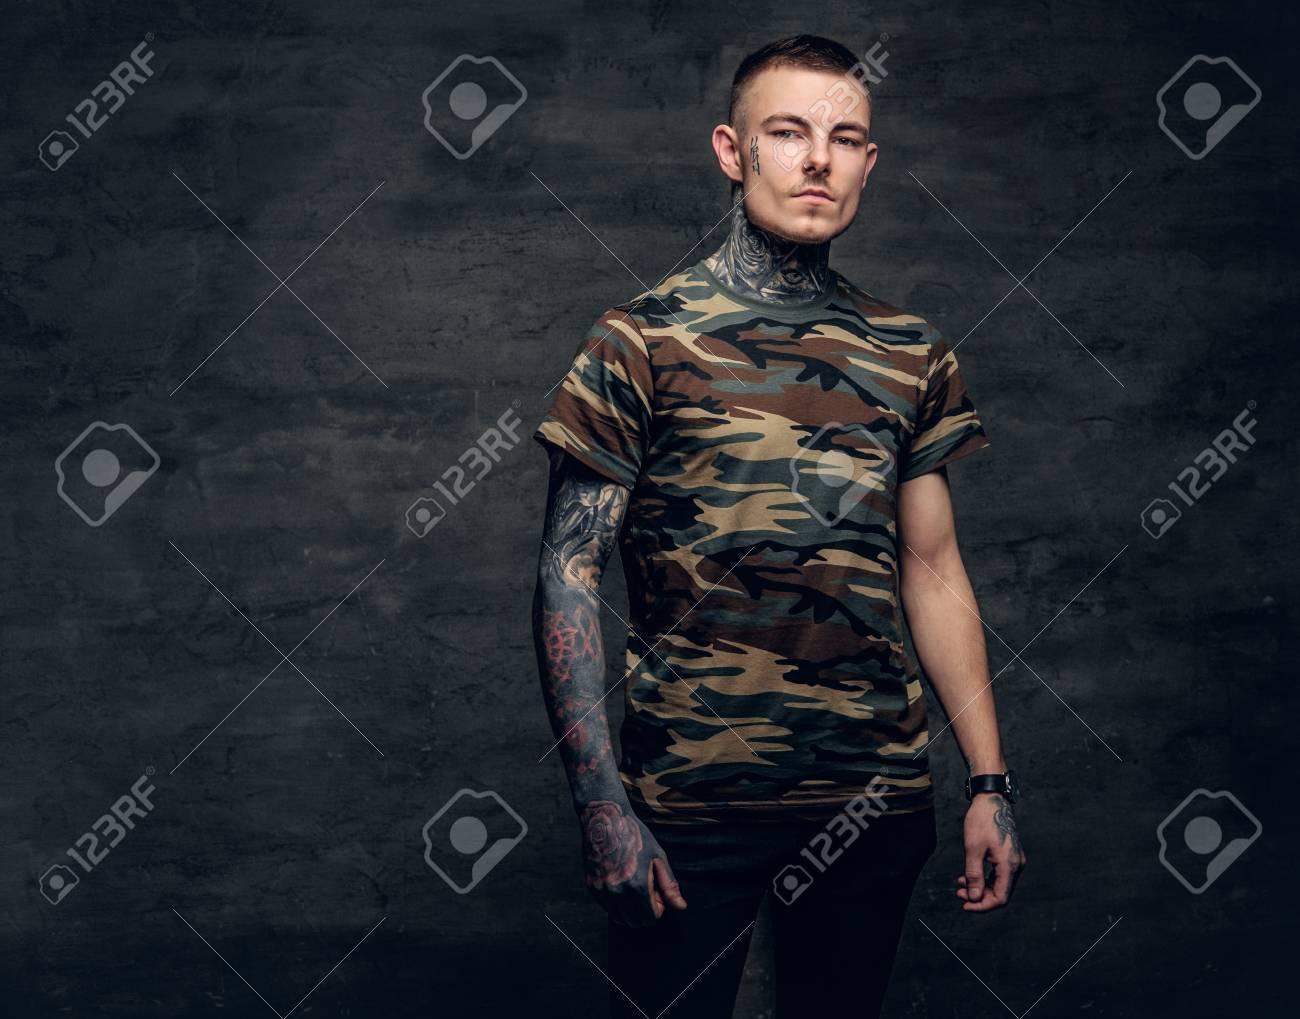 un homme avec des tatouages ??sur le cou, le visage et les bras